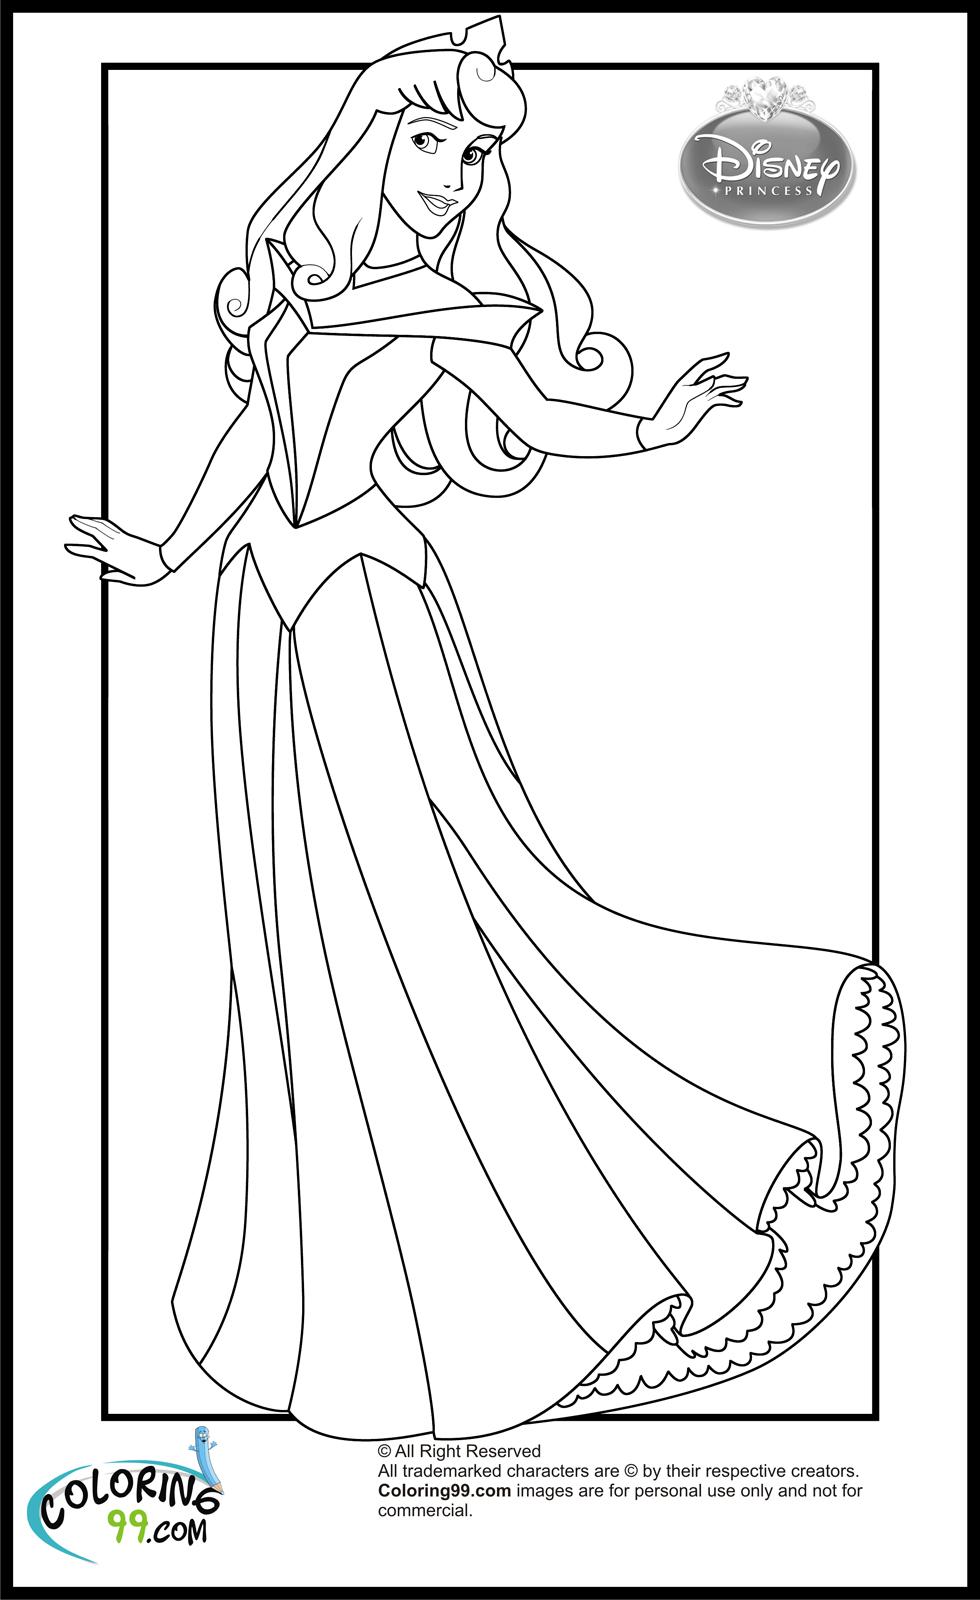 disney princess coloring sheets may 2013 team colors disney sheets coloring princess